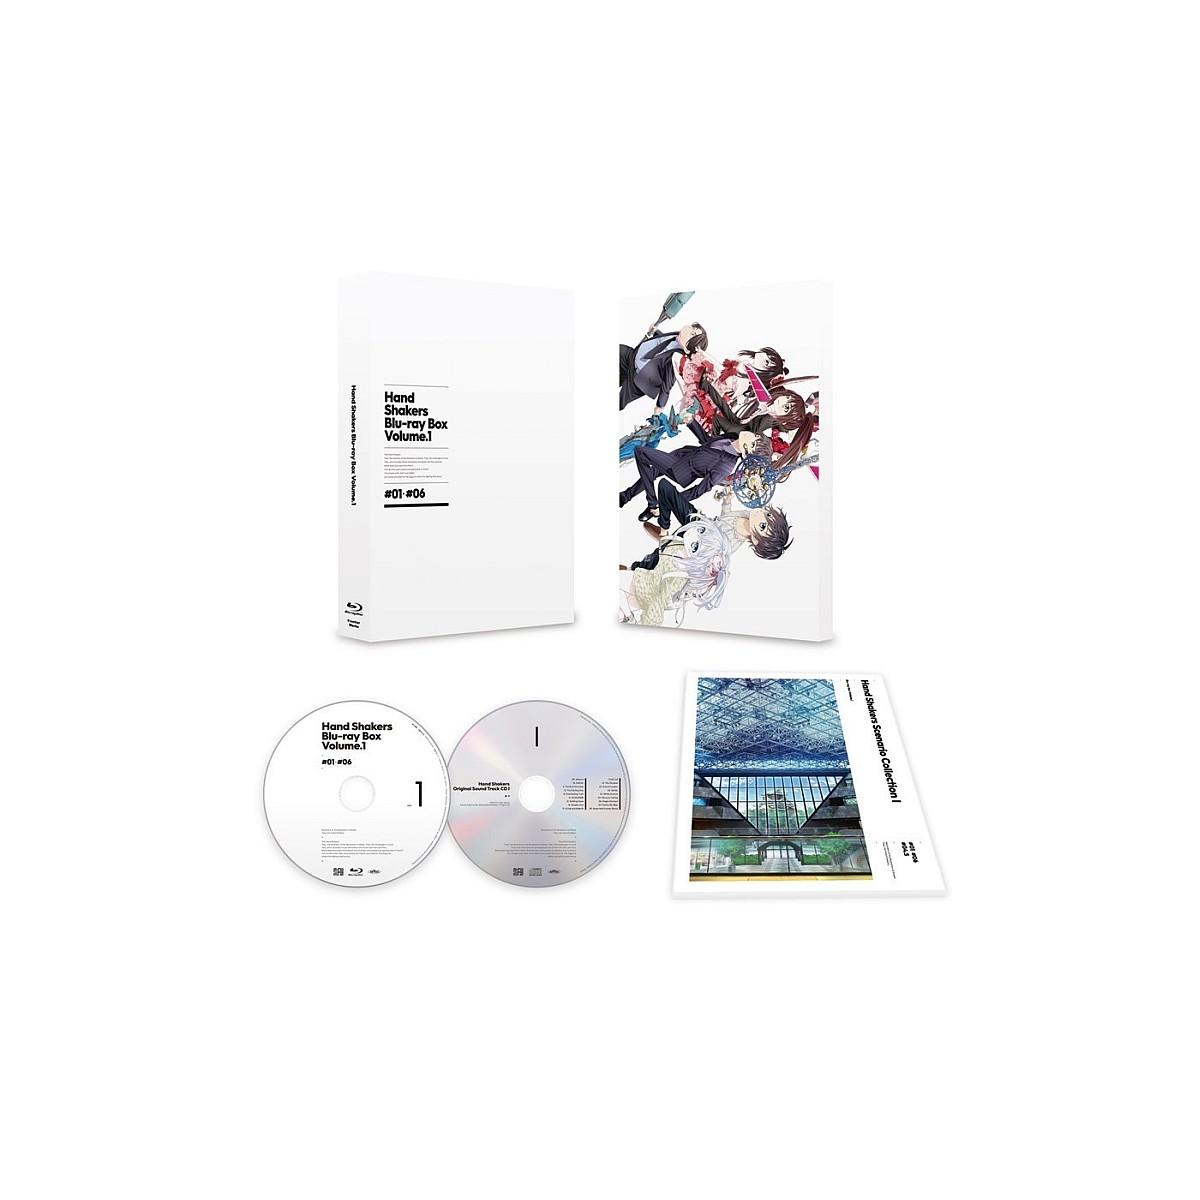 ハンドシェイカー Blu-ray BOX 上巻【Blu-ray】 [ 茅野愛衣 ]